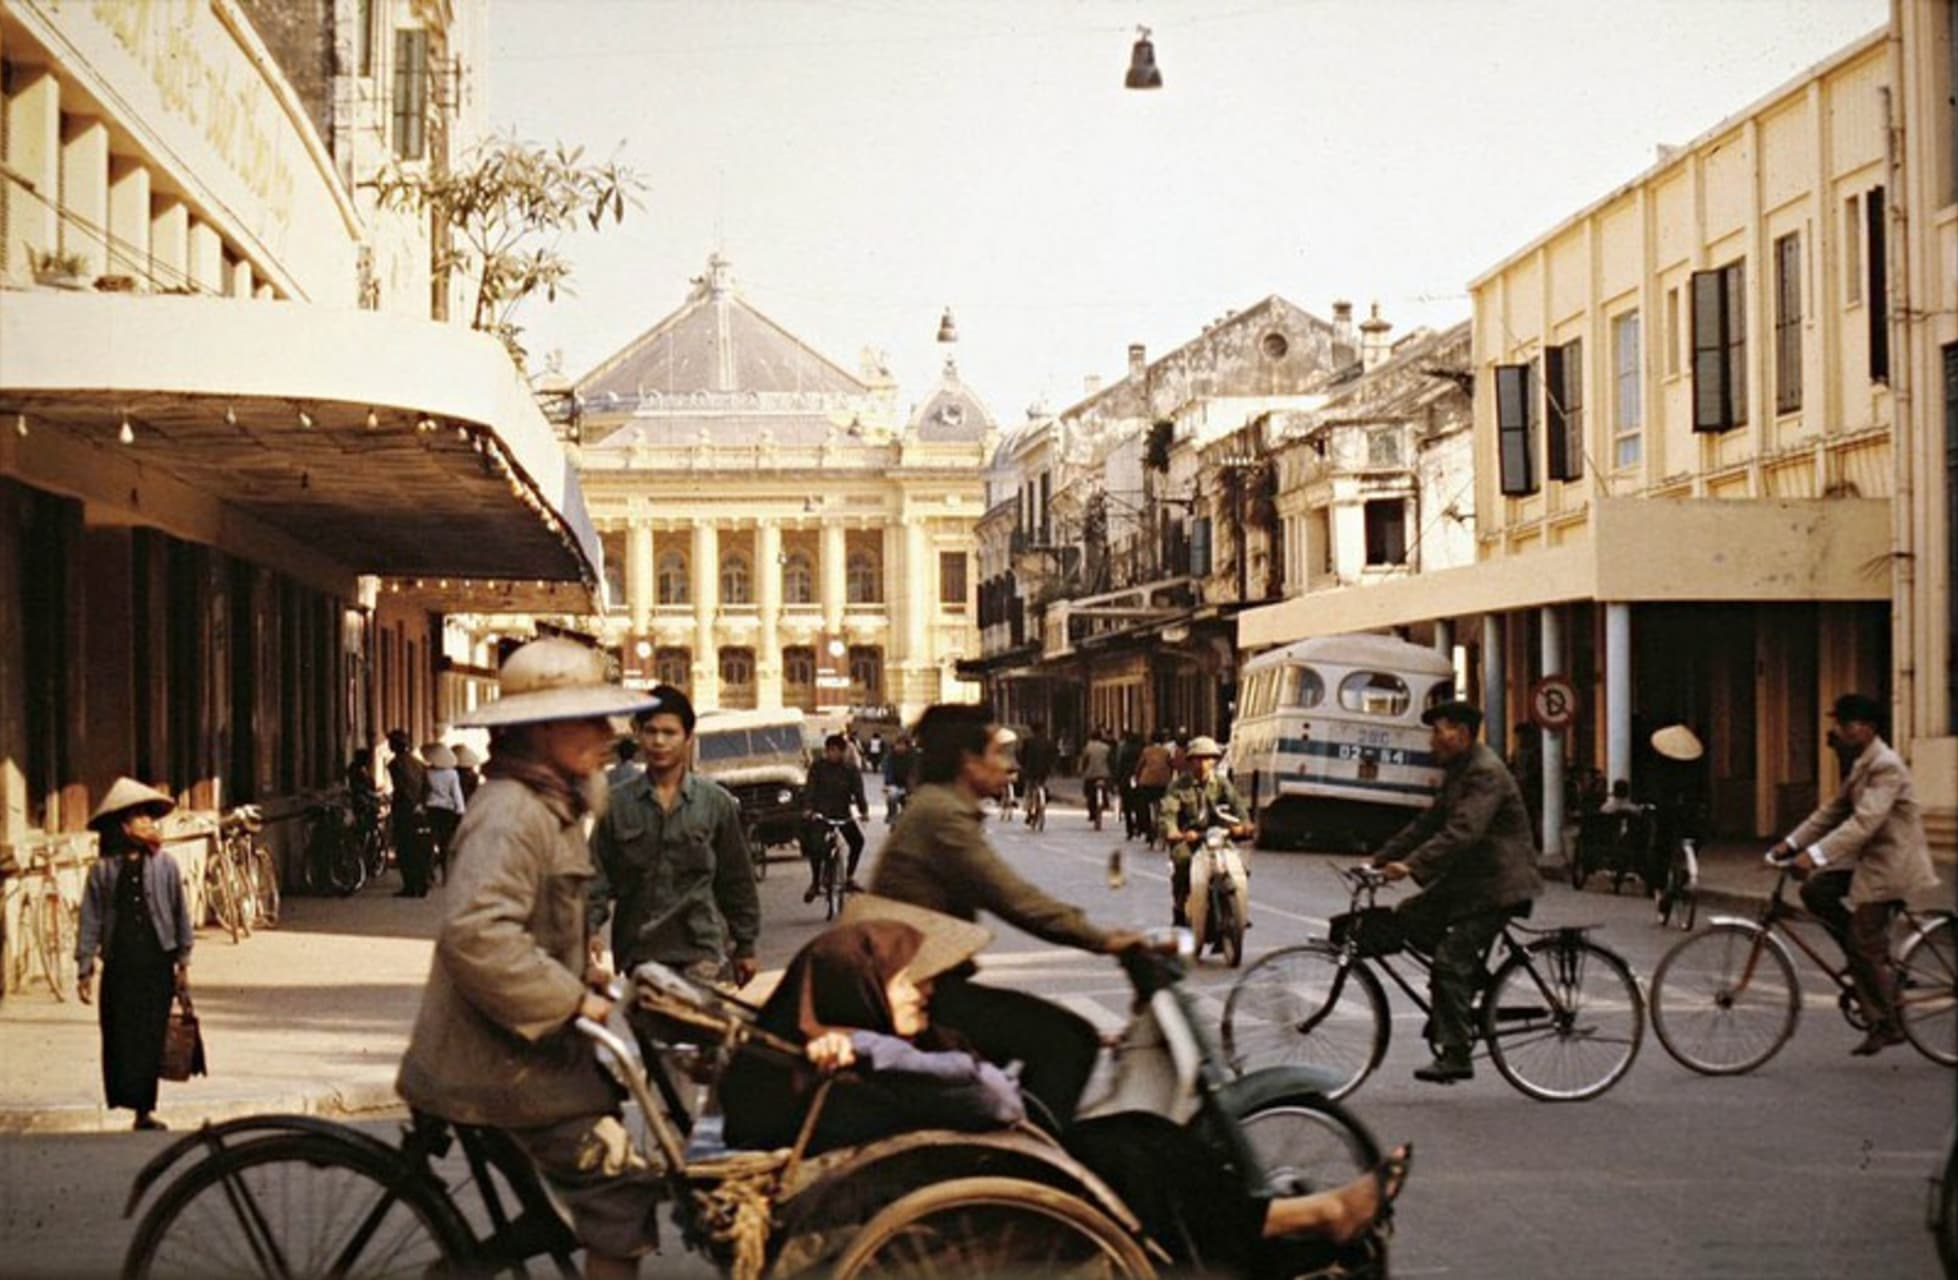 Hanoi - The French's touches of Hanoi city